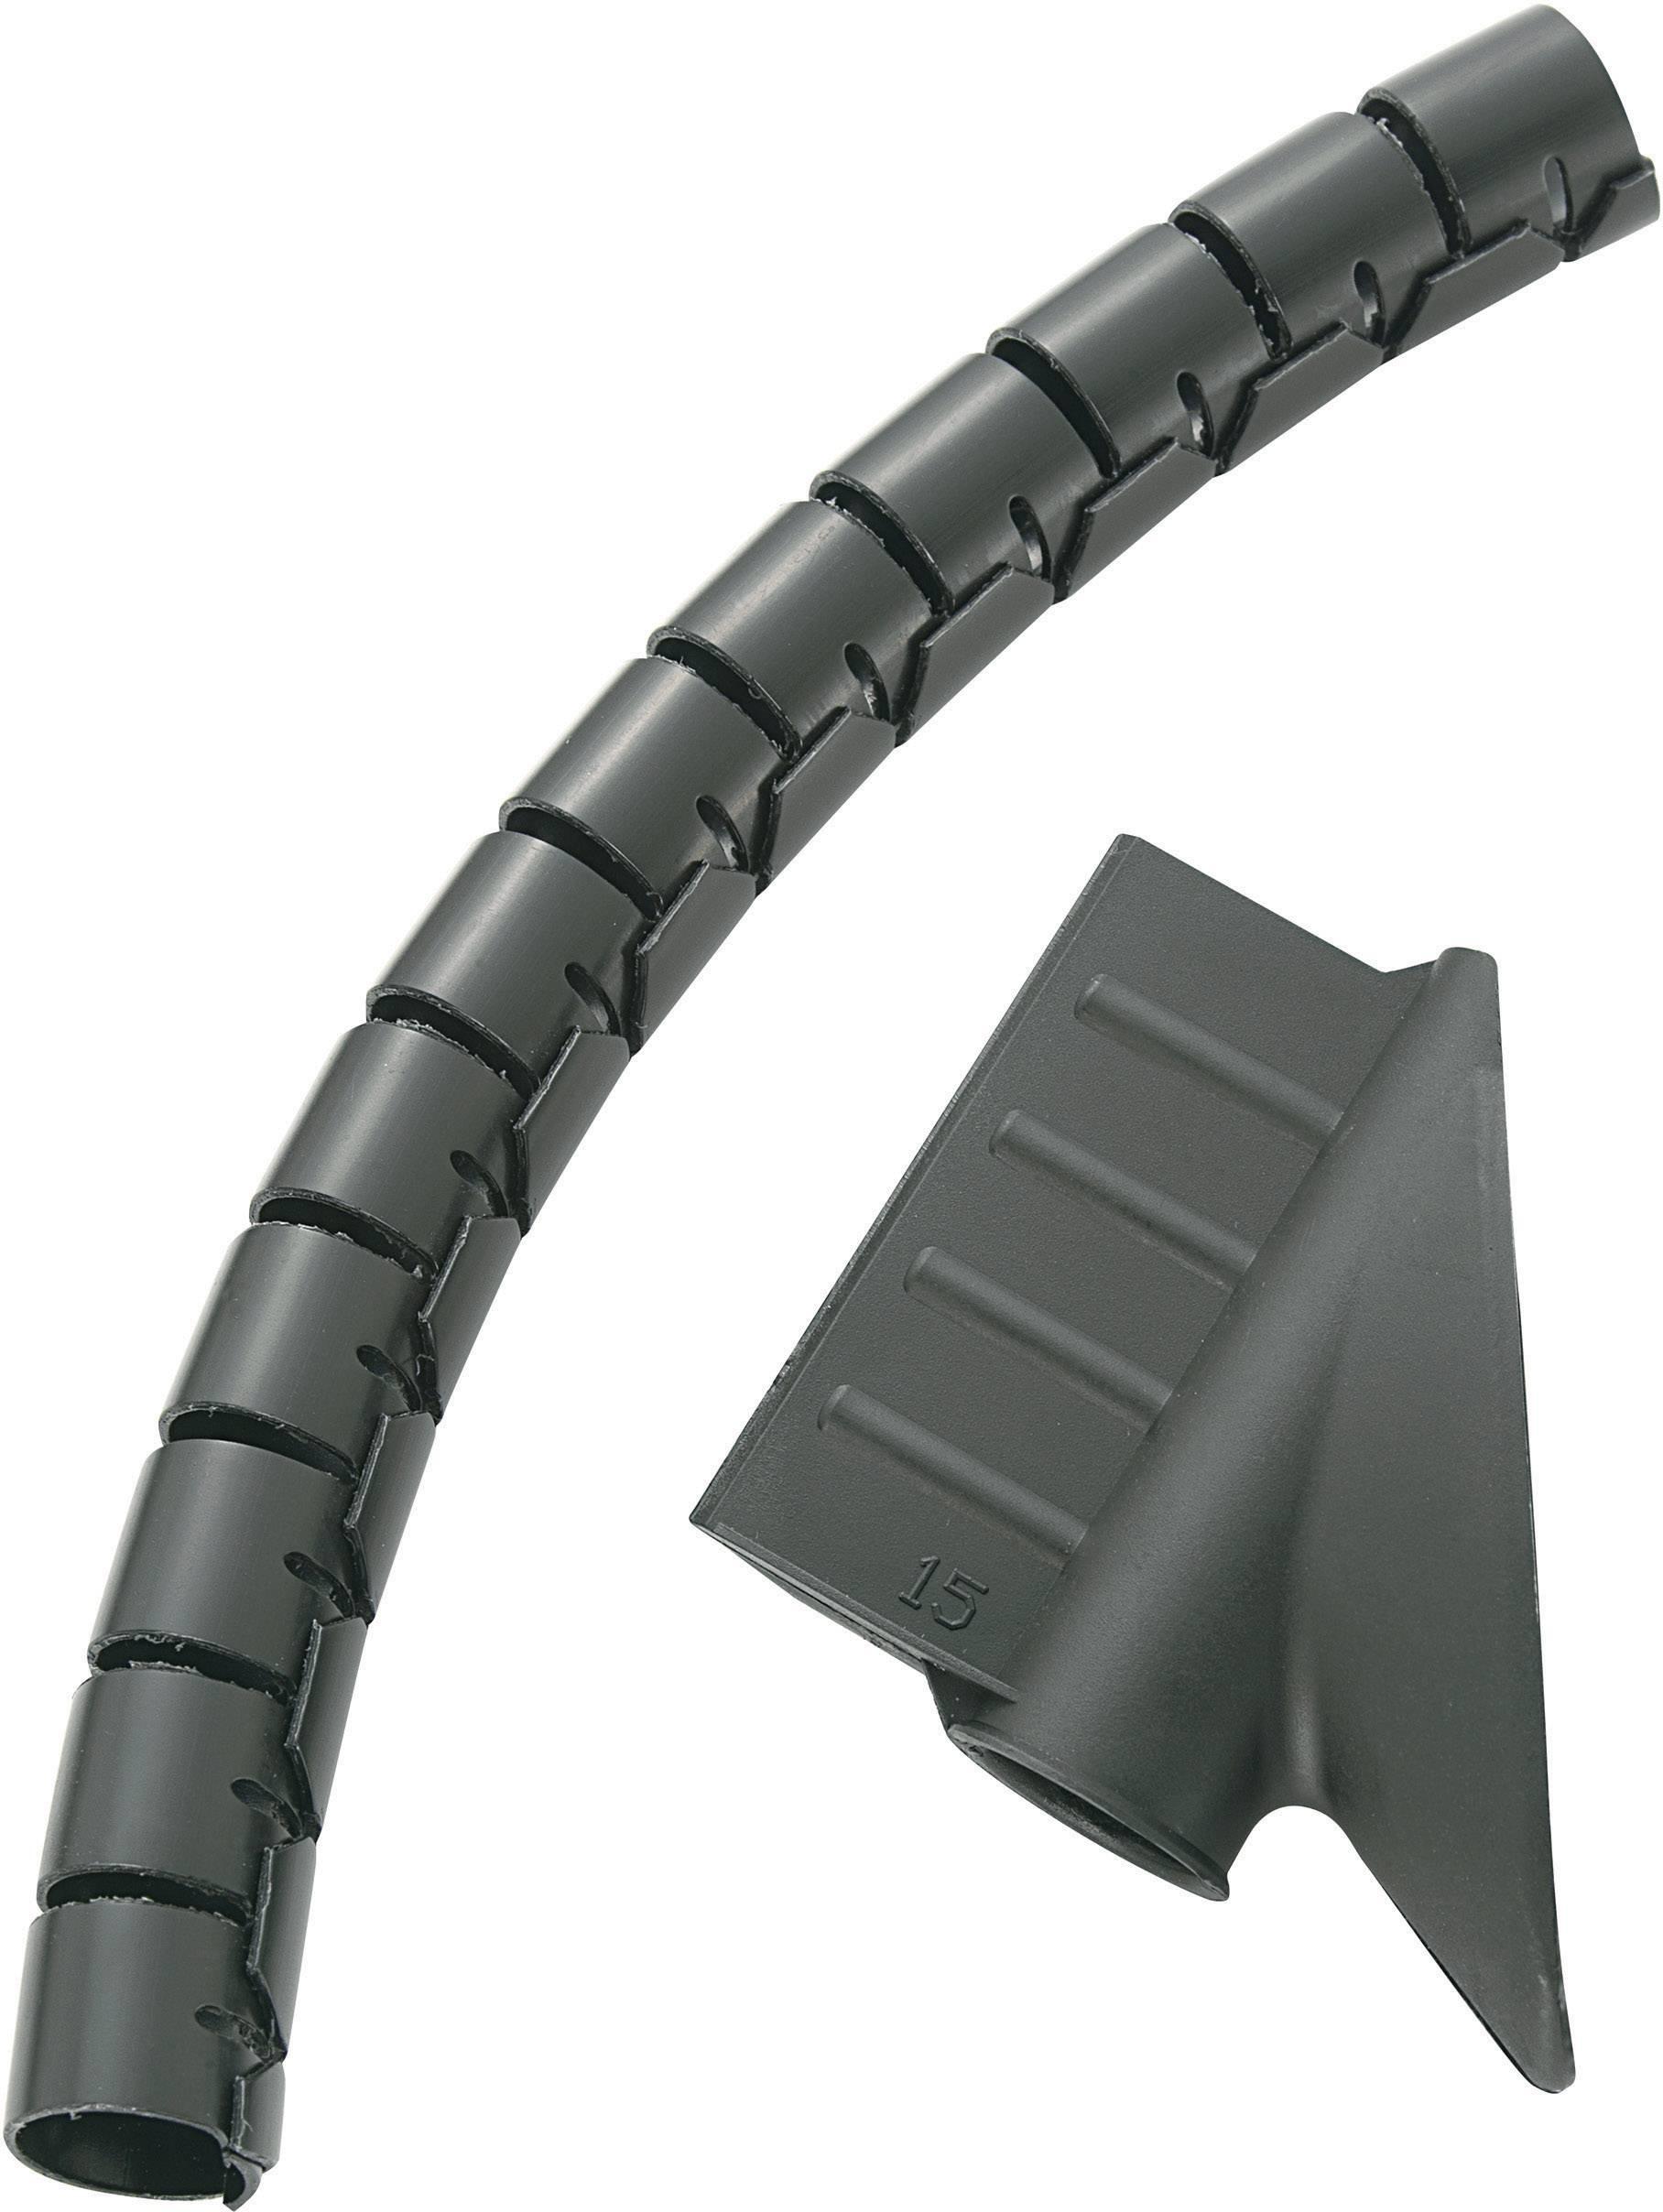 Spirálová trubice na kabely KSS 8530c699, 10 mm, černá